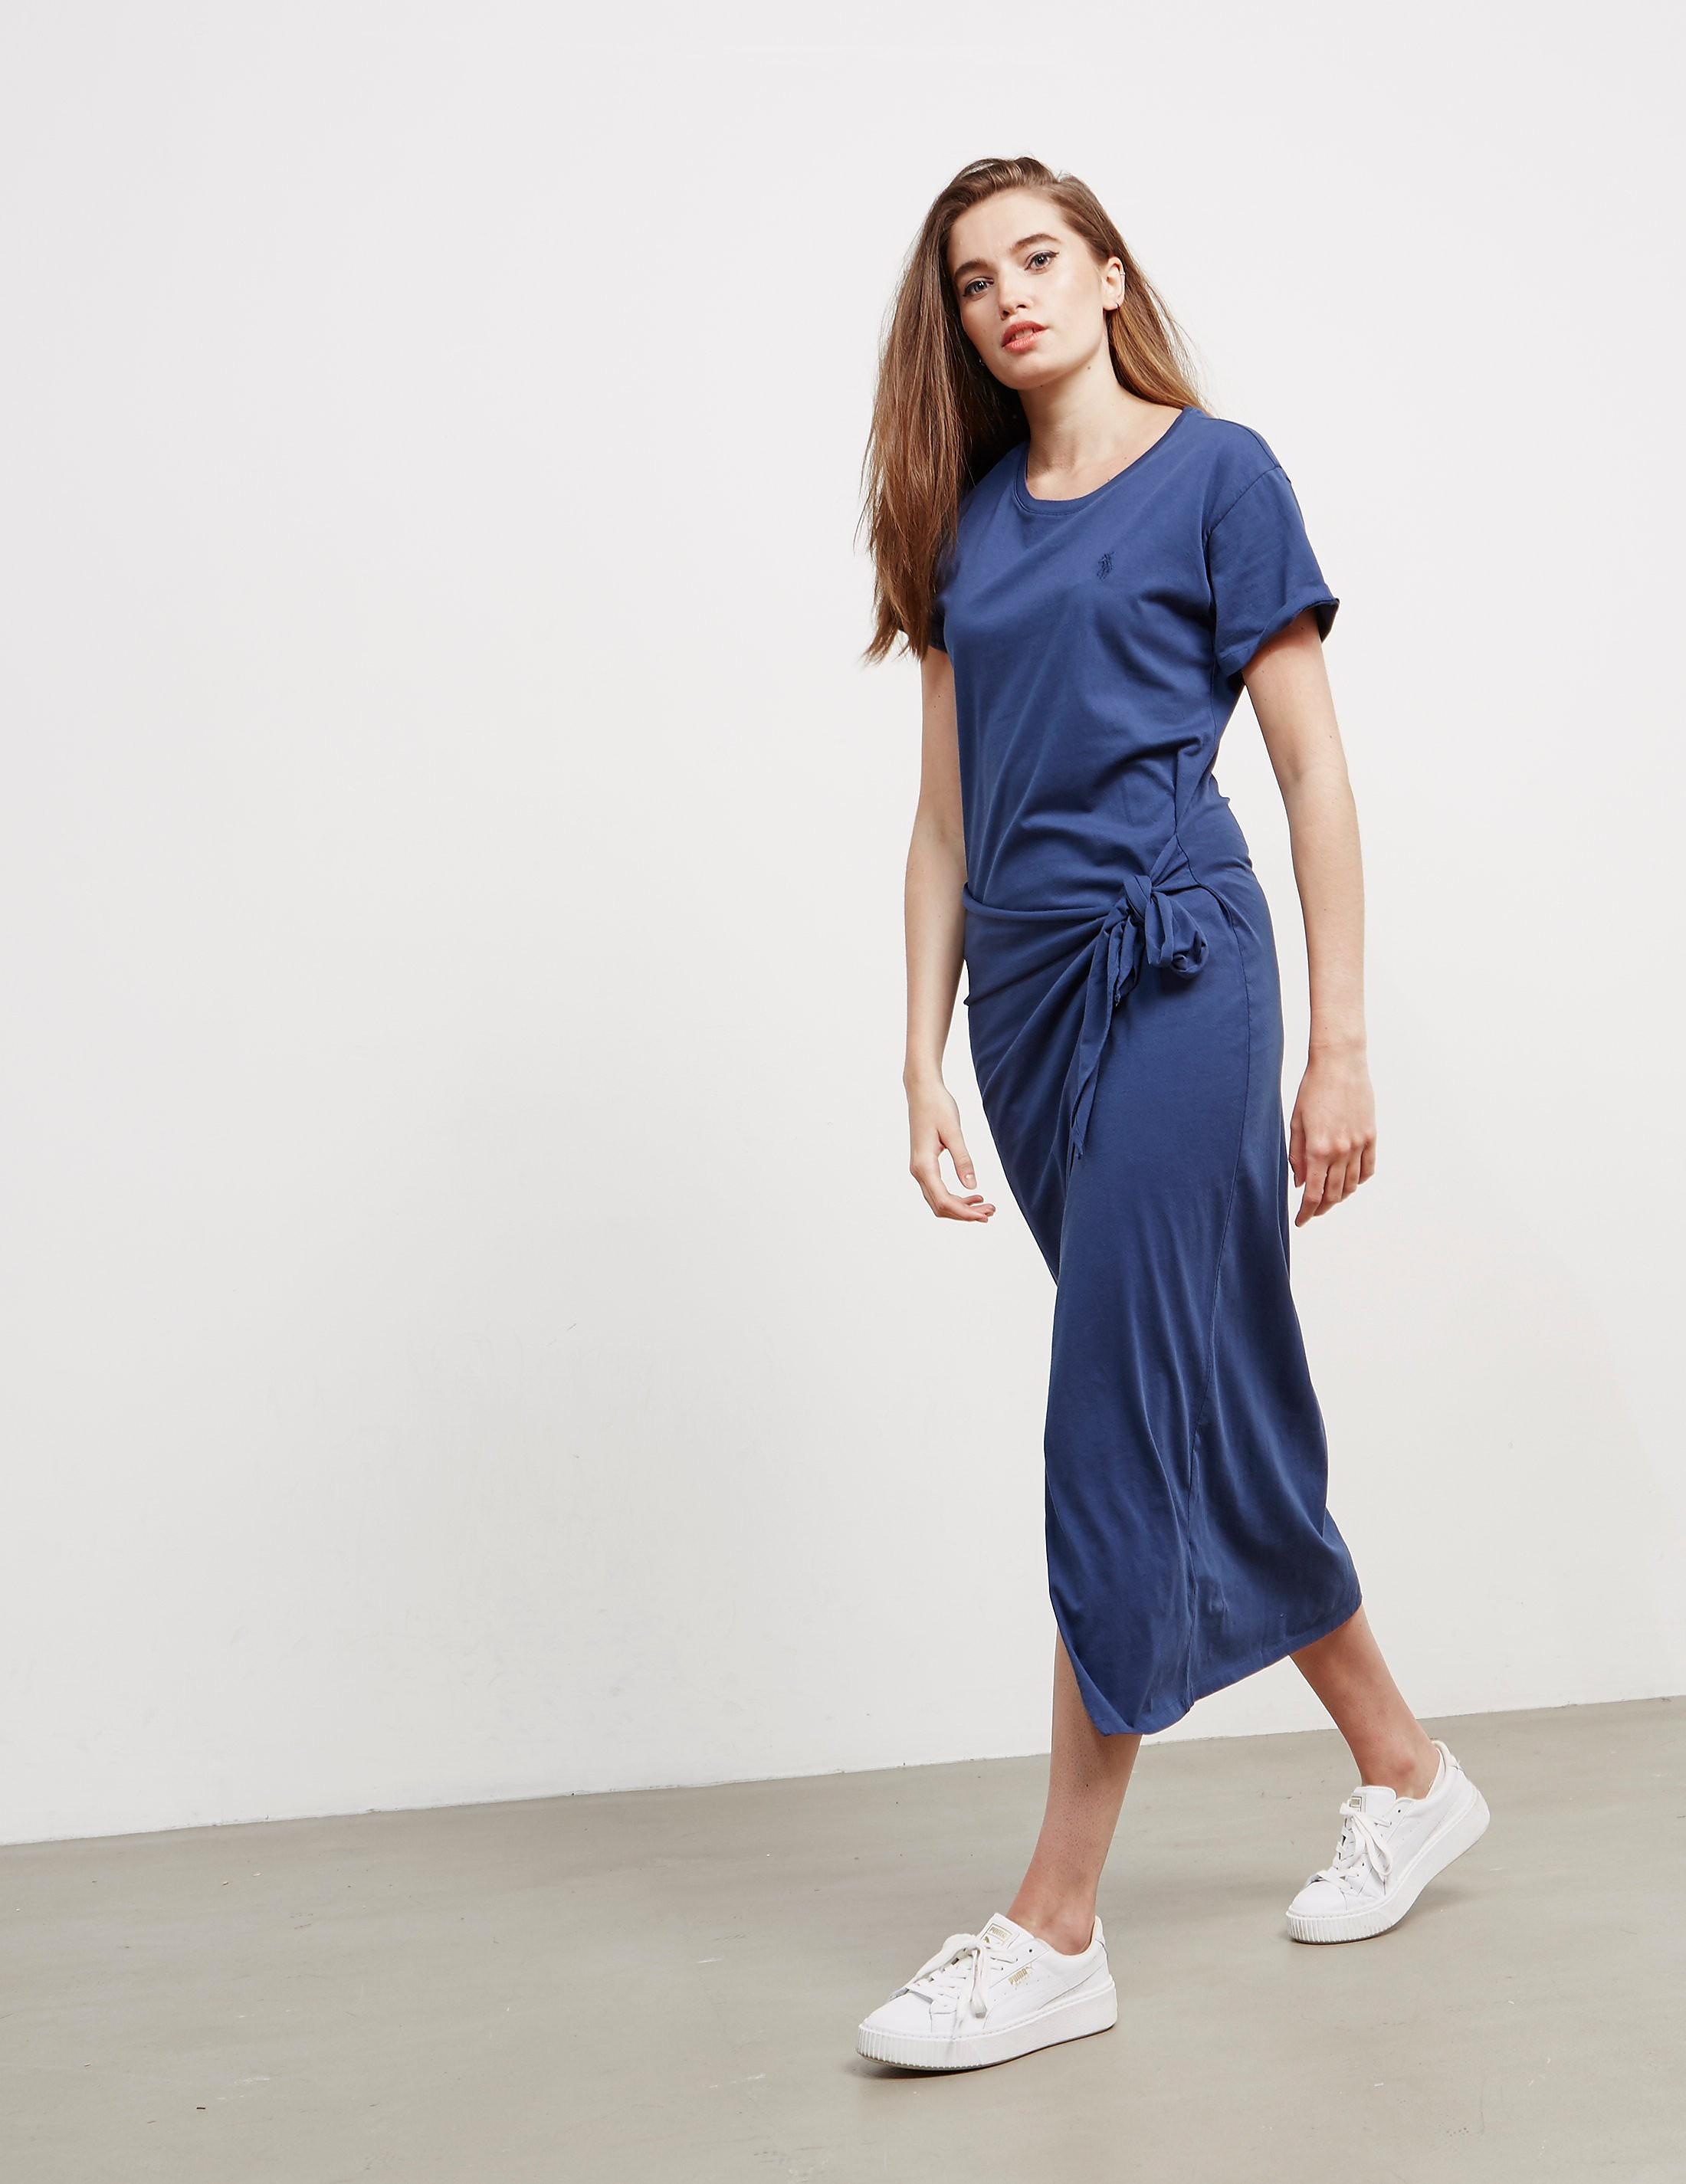 Polo Ralph Lauren T-Shirt Dress